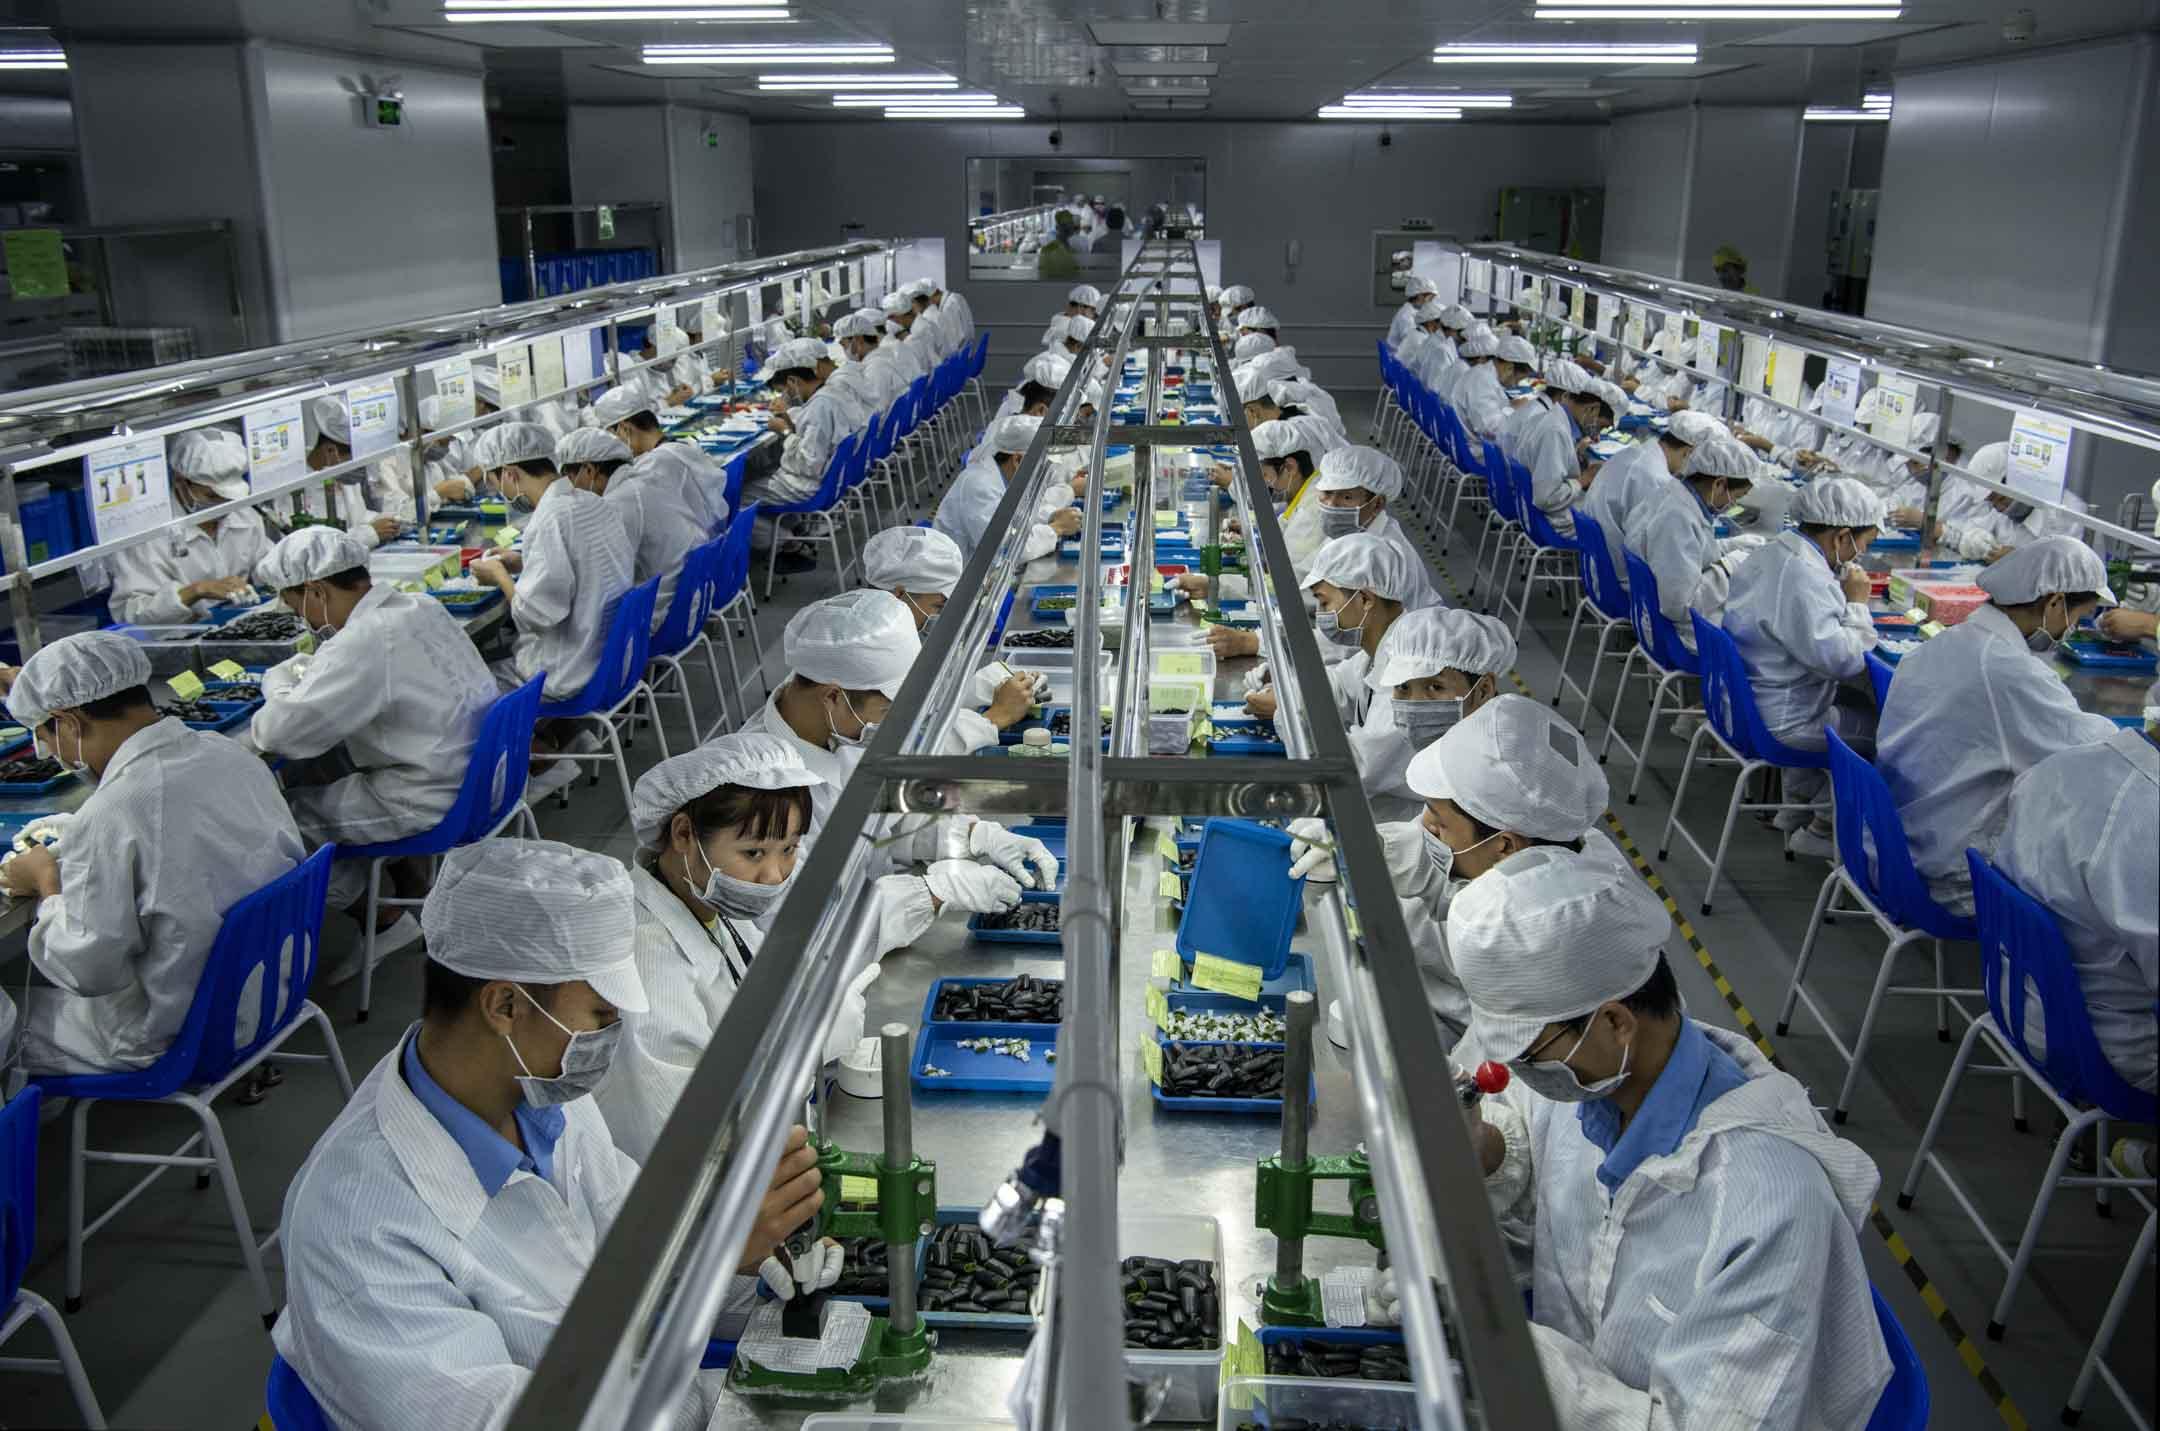 2019年9月24日,深圳一間生產電子煙的工廠,工人在組裝零件。 攝:Kevin Frayer/Getty Images